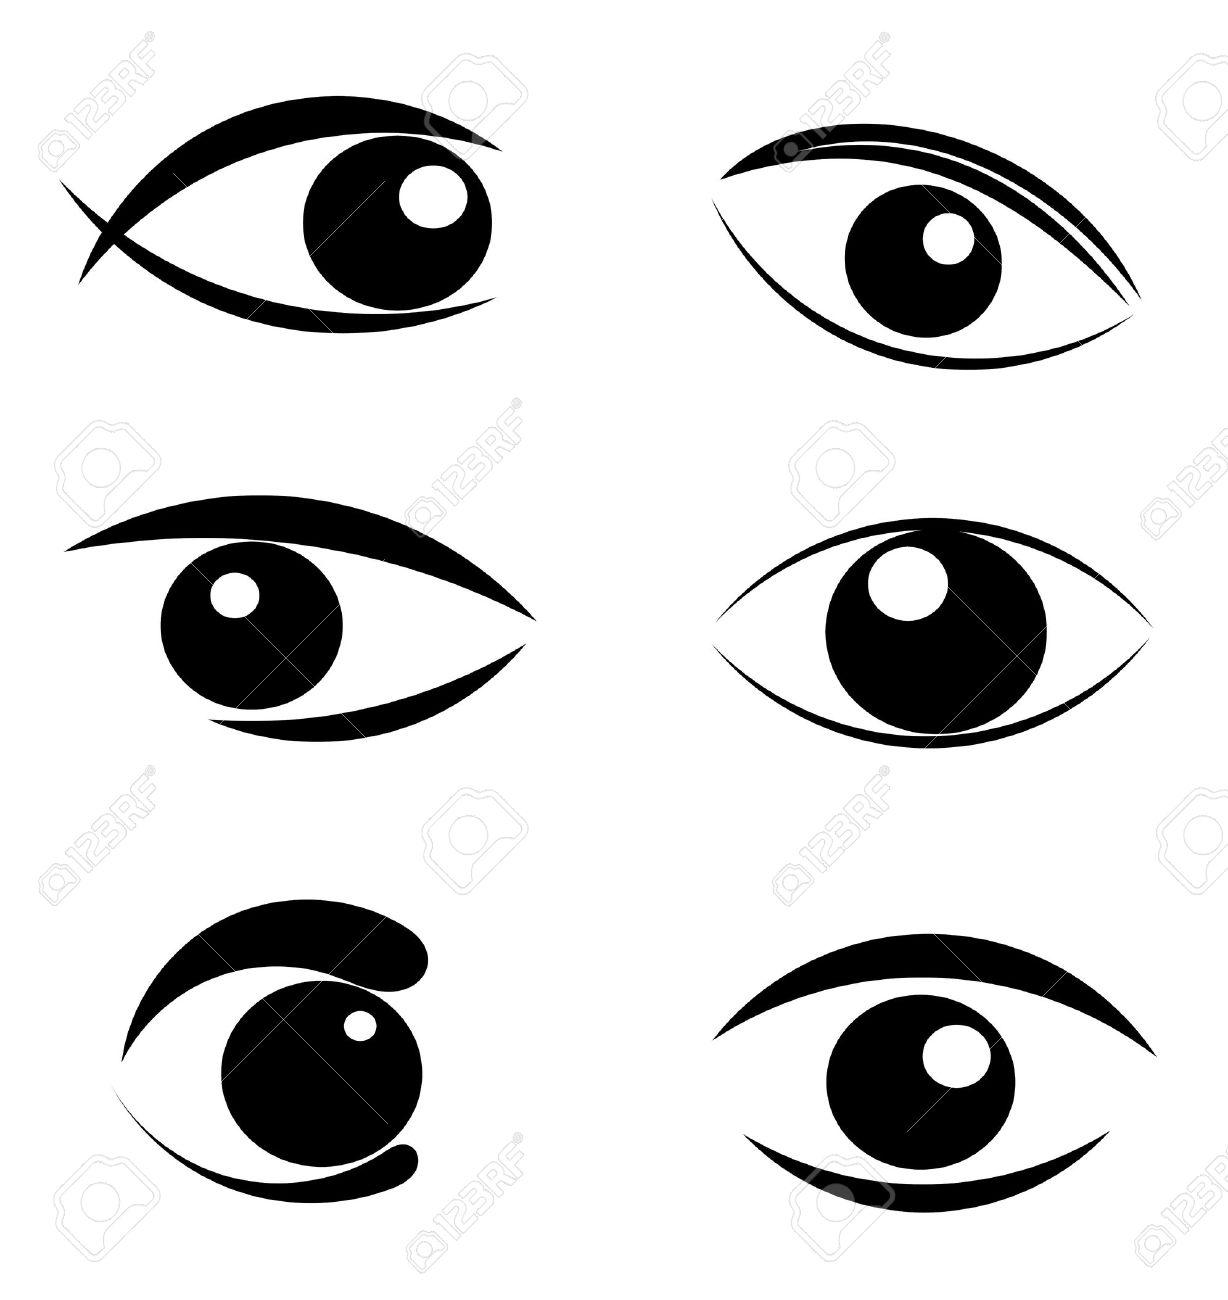 1228x1300 Eye Clipart Man Eye